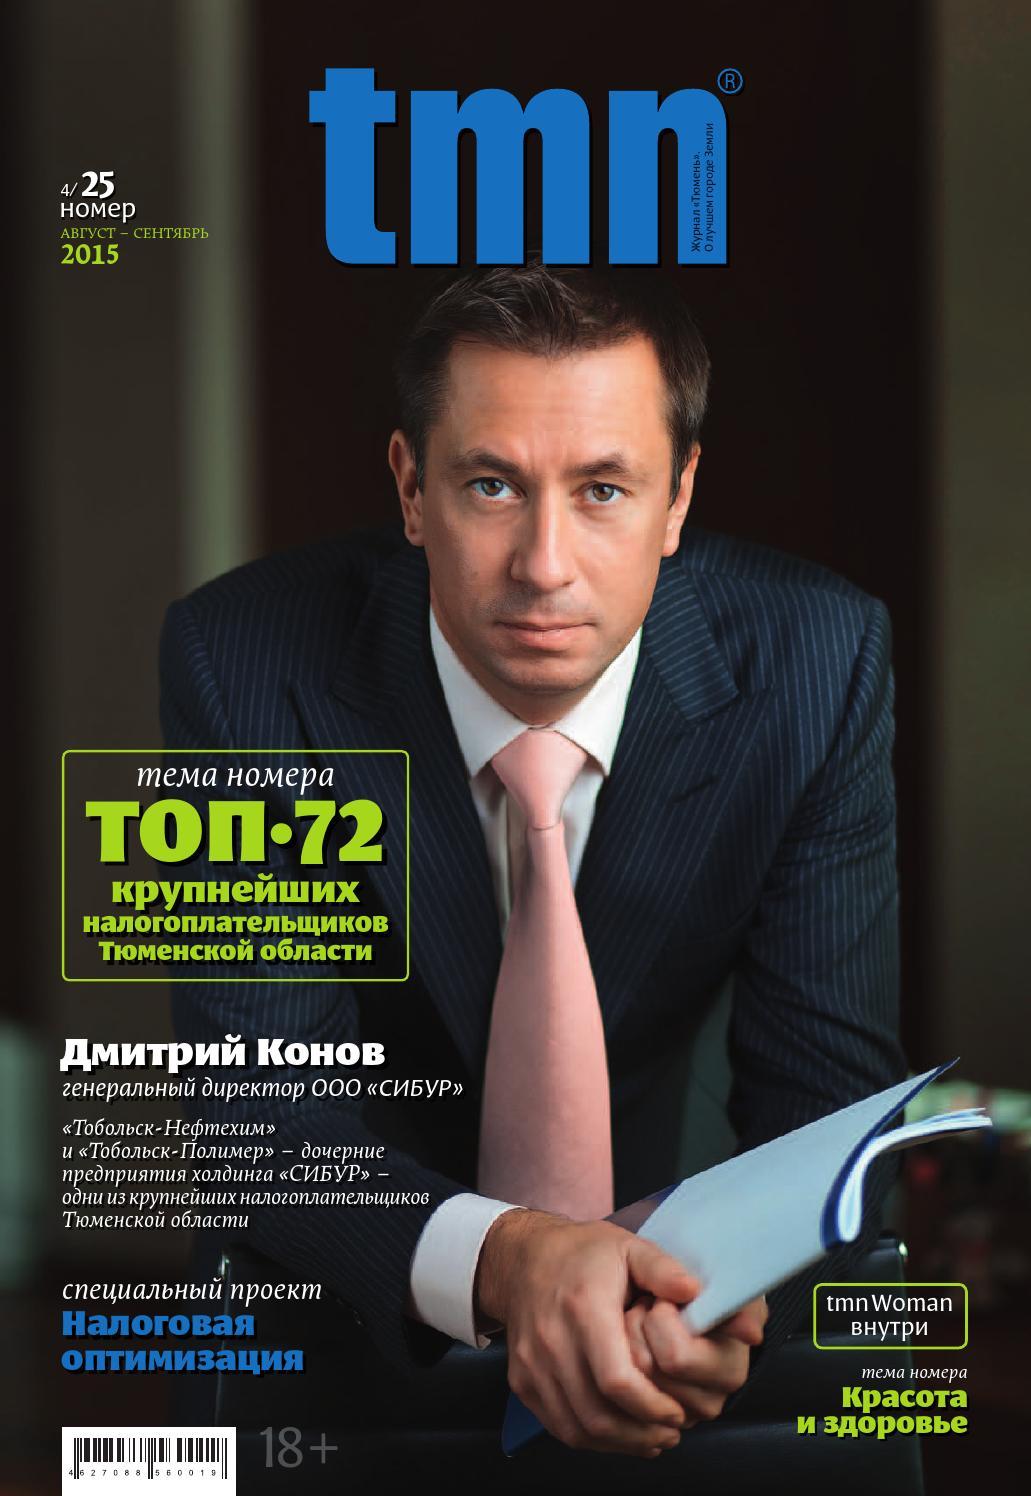 0 375 анохин исполнительный директор @tut.by @yandex.ru 2016 заказать яндекс директ в нижнем новгороде